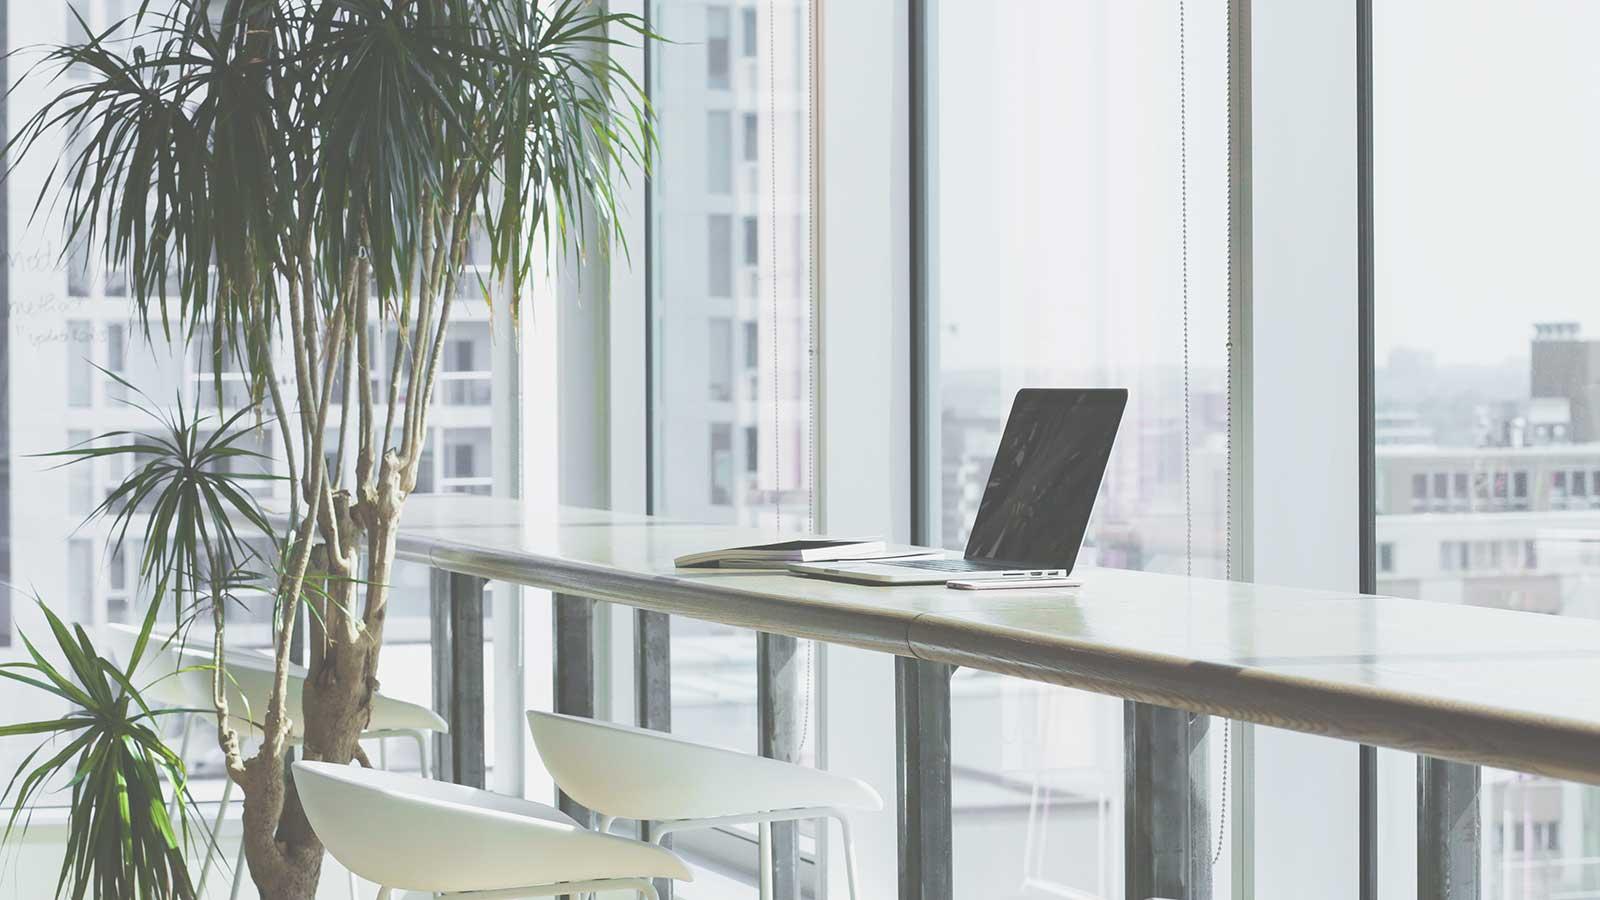 Oficina_con_ordenador_portátil